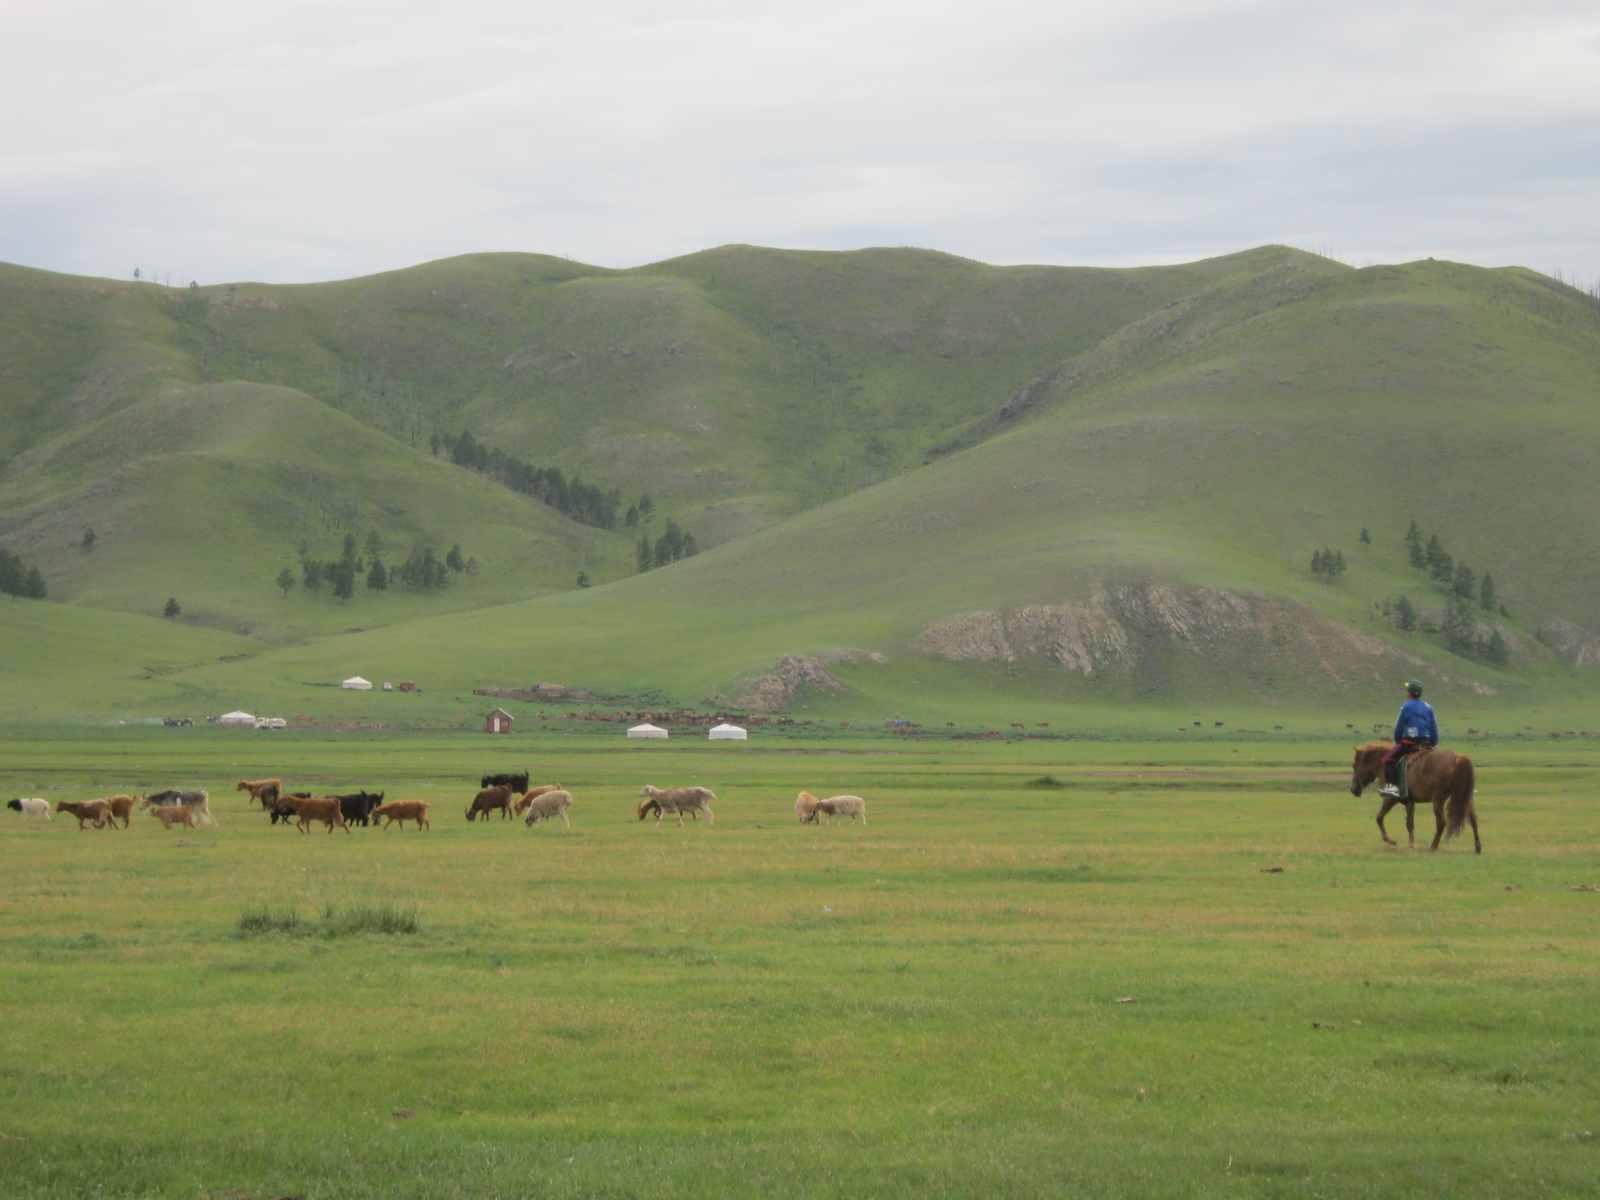 Nomaden sind immer noch häufig zu Pferd unterwegs – trotz der großen Konkurrenz durch die motorisierten Fahrzeuge